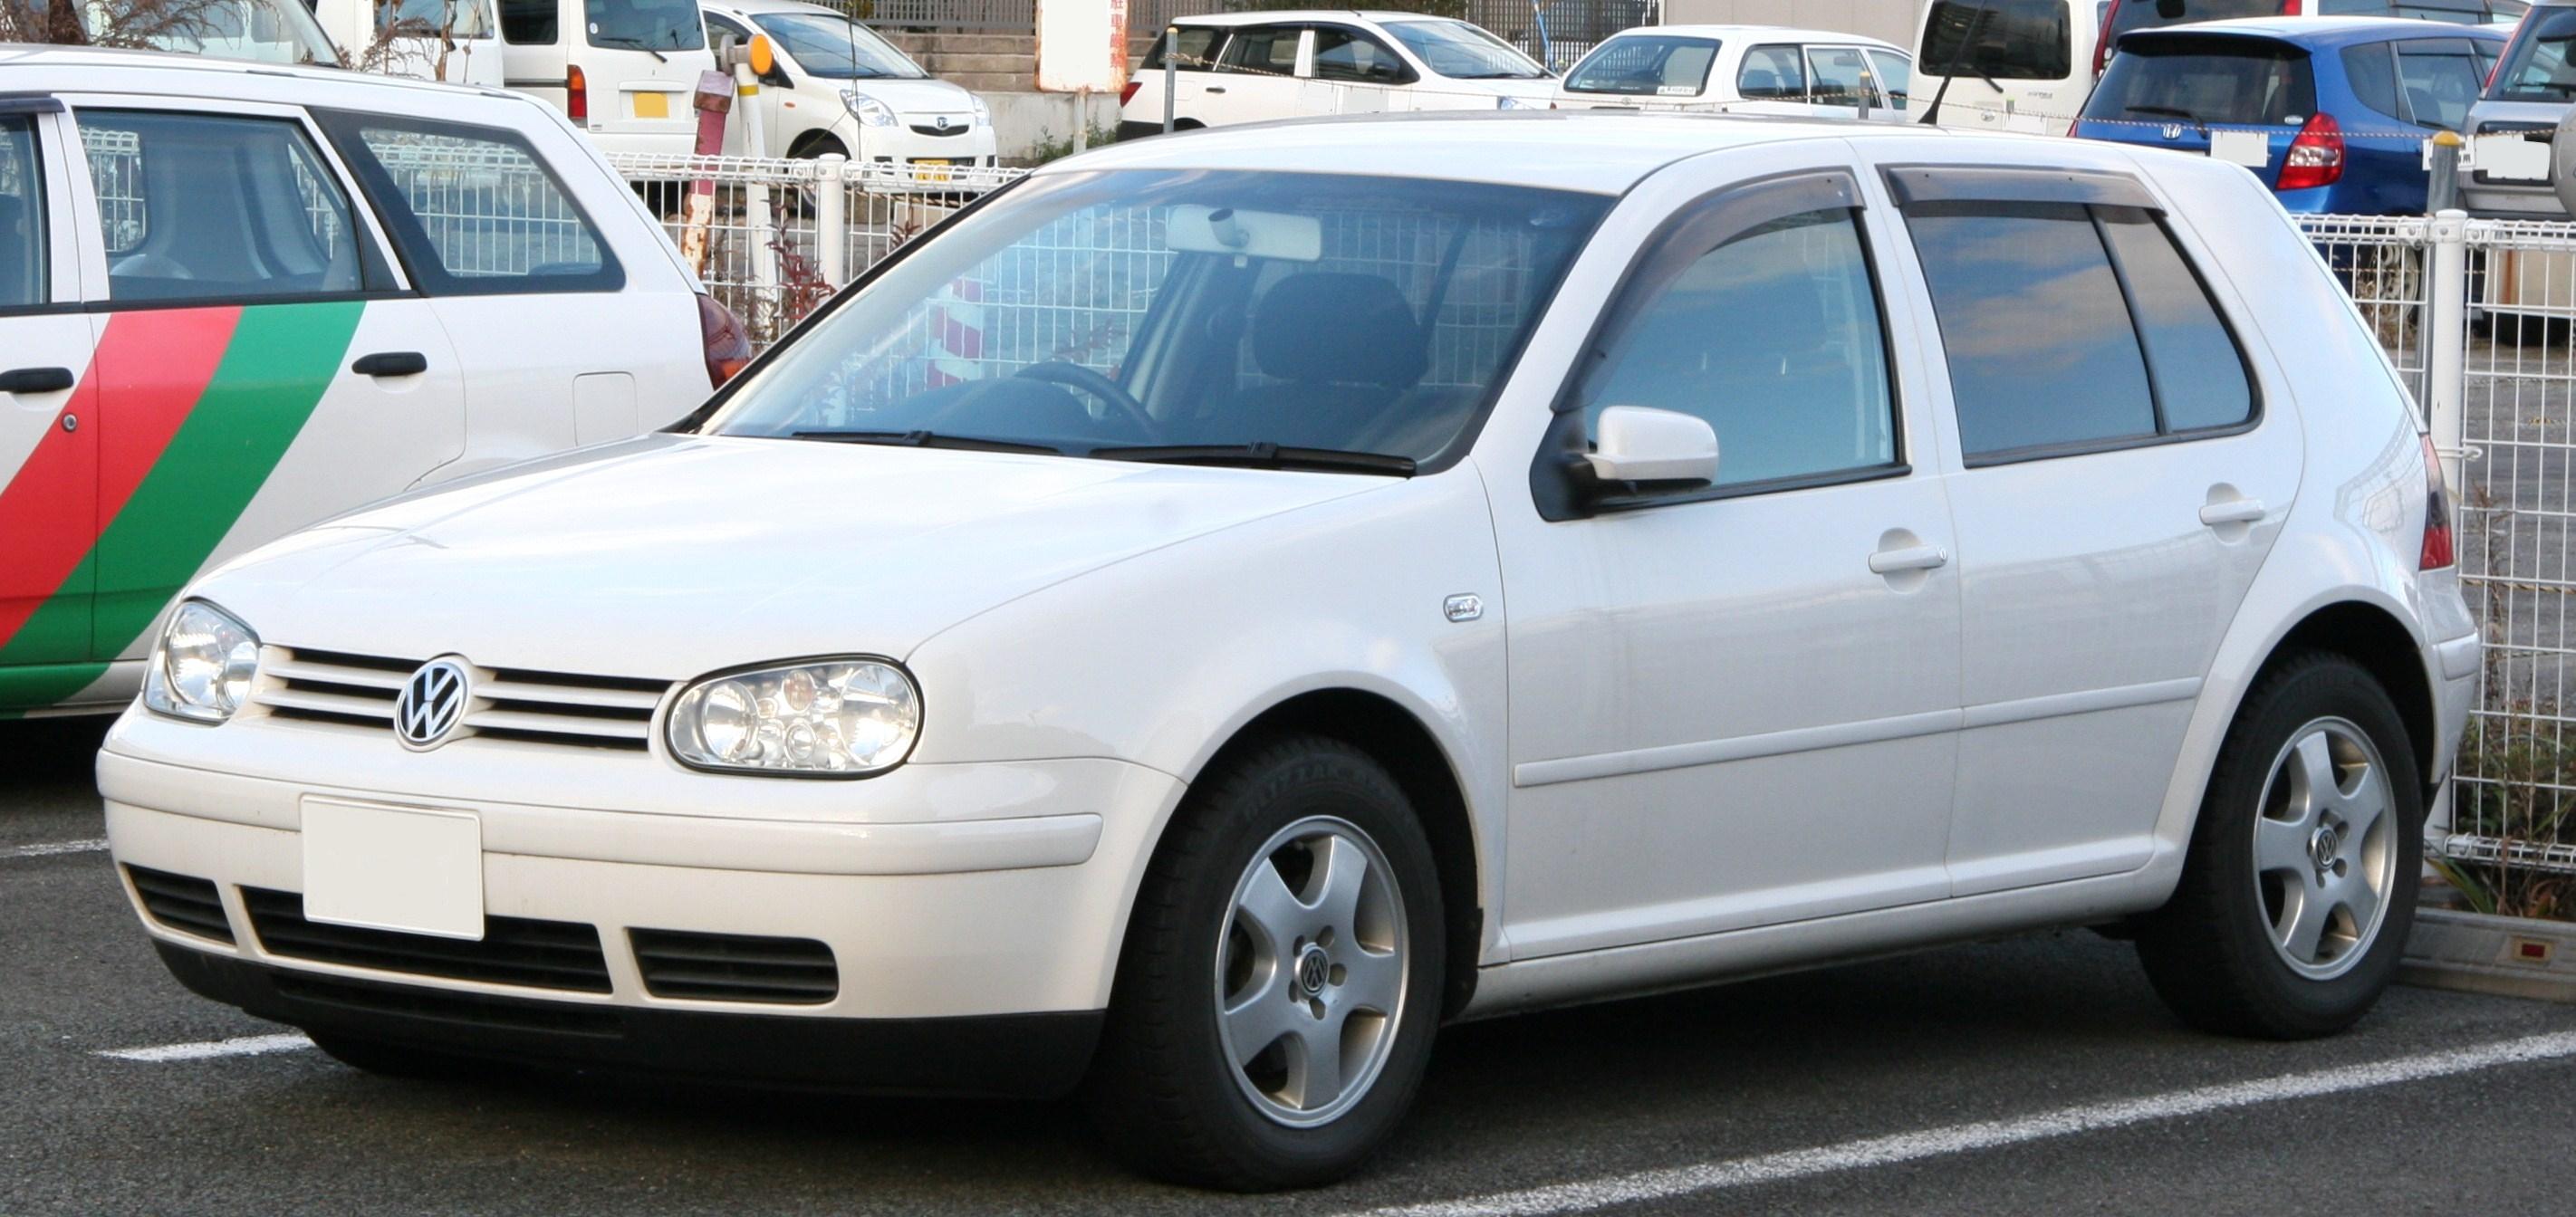 File:Volkswagen Golf IV.jpg - Wikimedia Commons